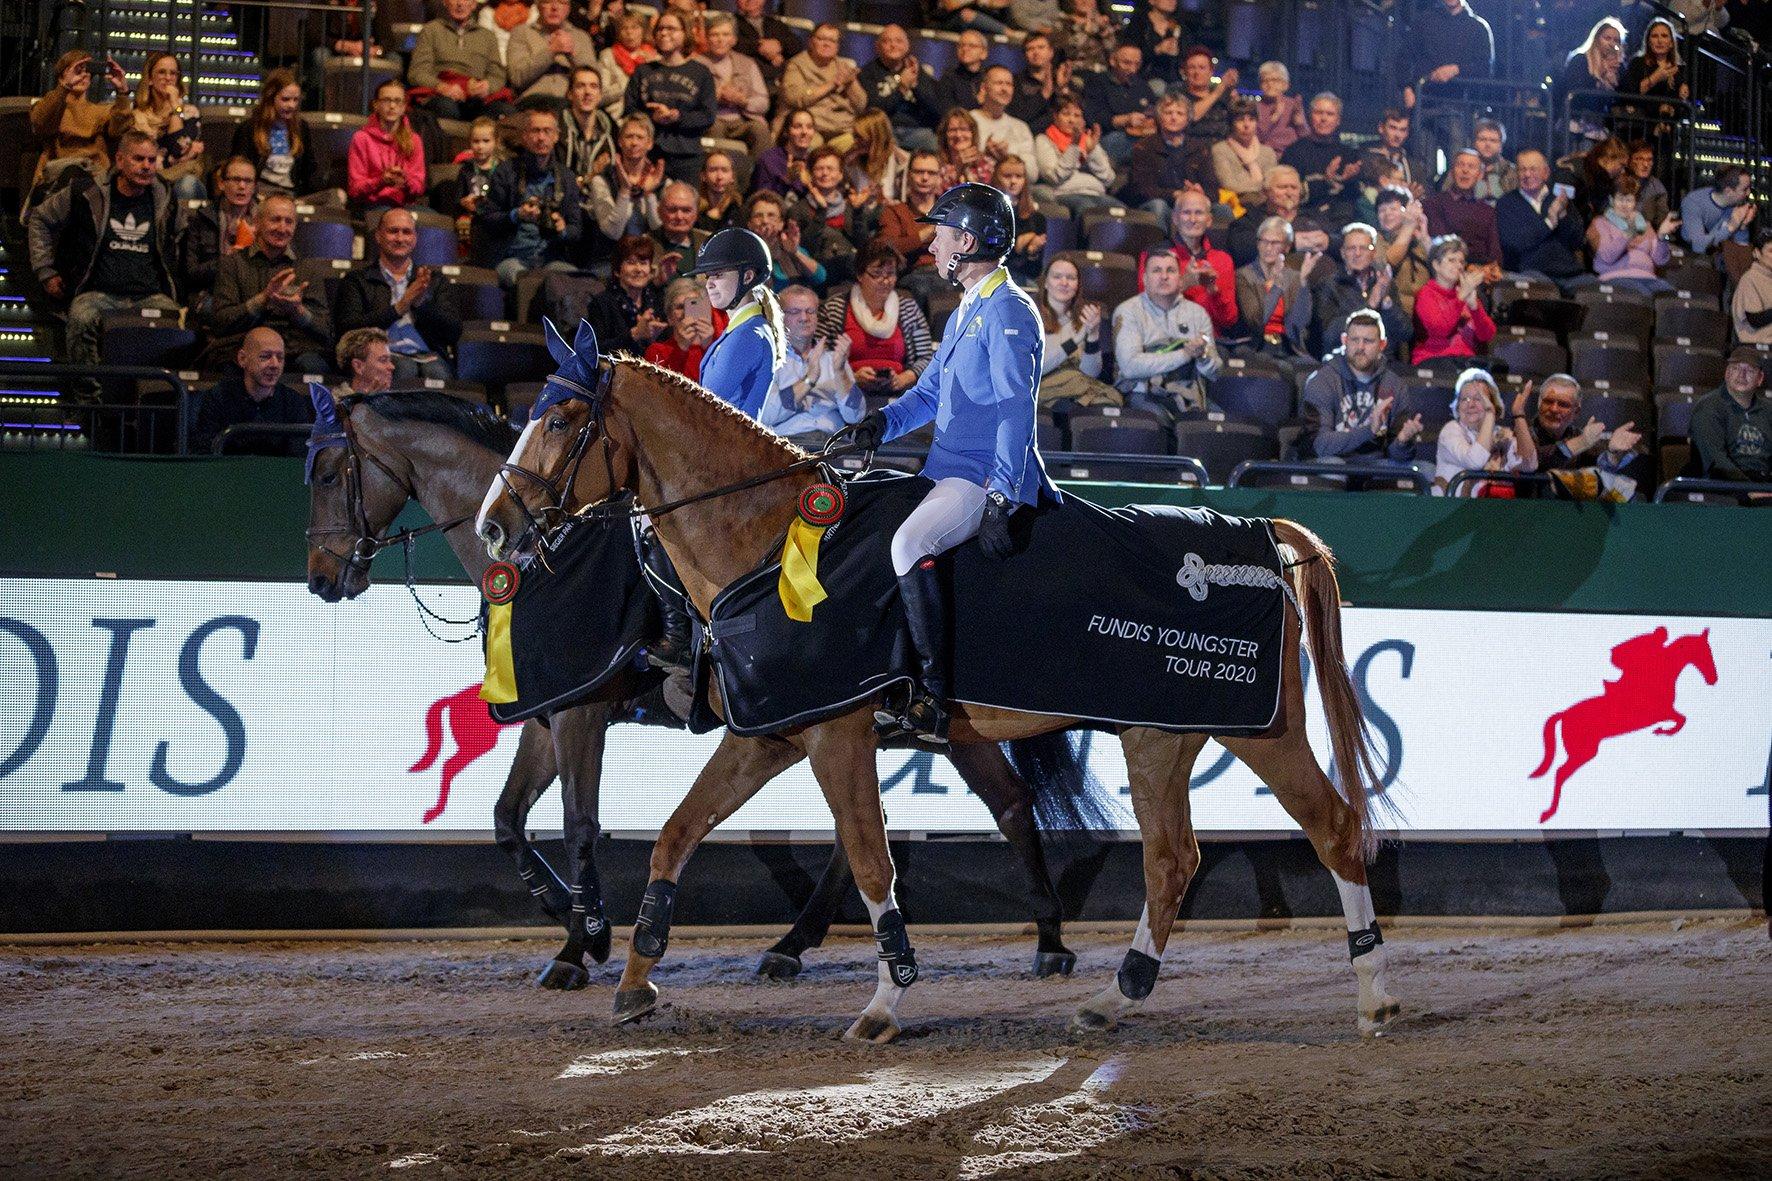 Startschuss der Fundis Youngster Tour – Die Partner Pferd Leipzig 2020